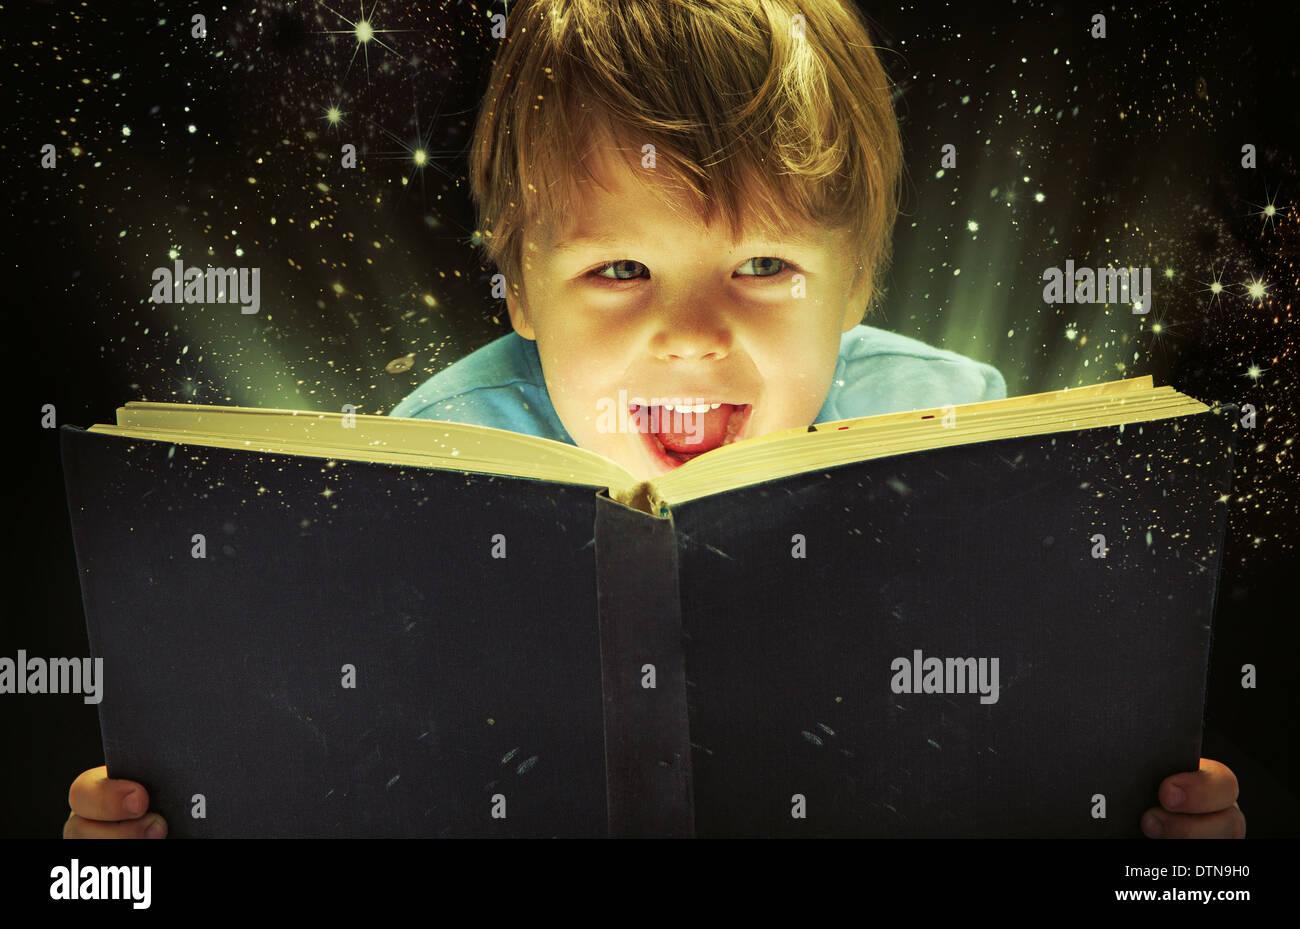 Kleiner Junge mit einem alten Zauberbuch Stockbild